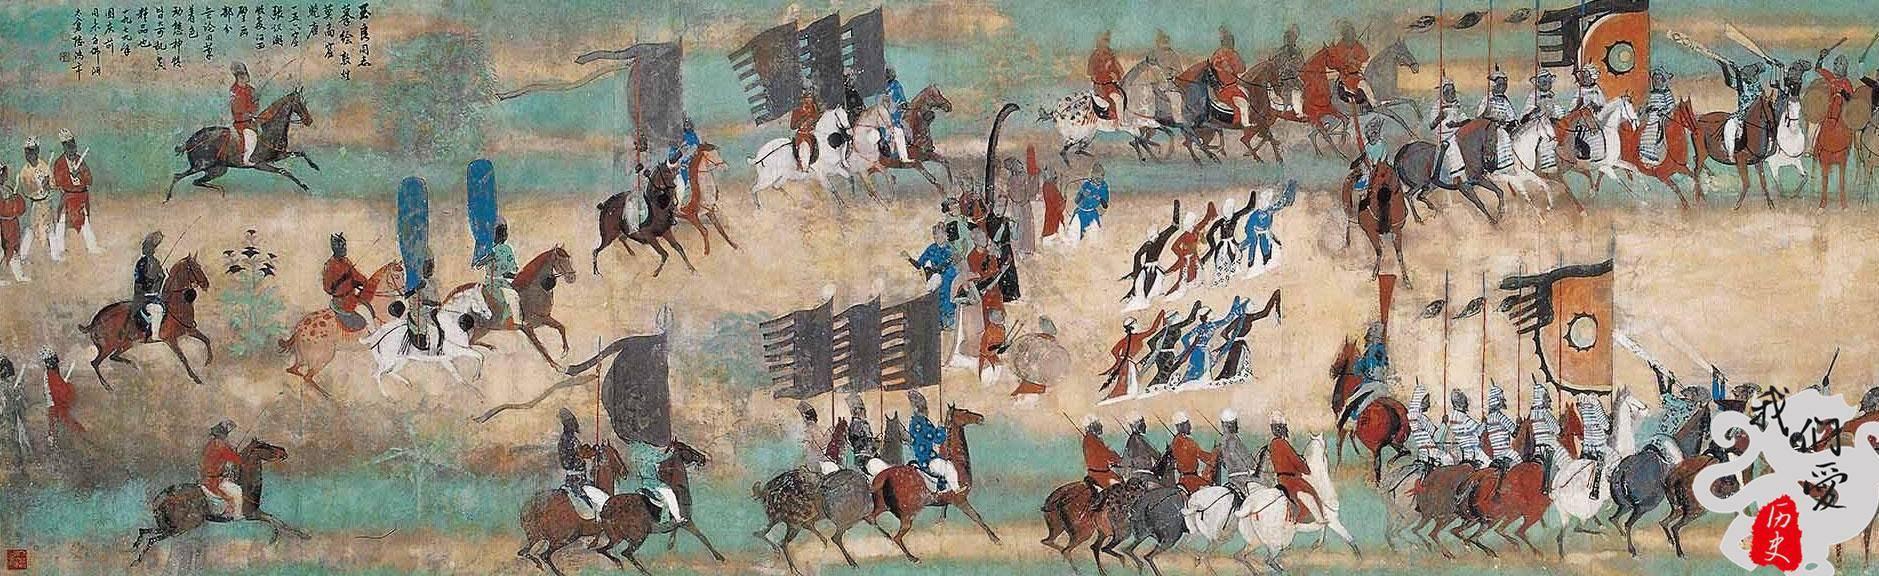 安史之乱后,唐朝归义军如何在夹缝中生存120年?